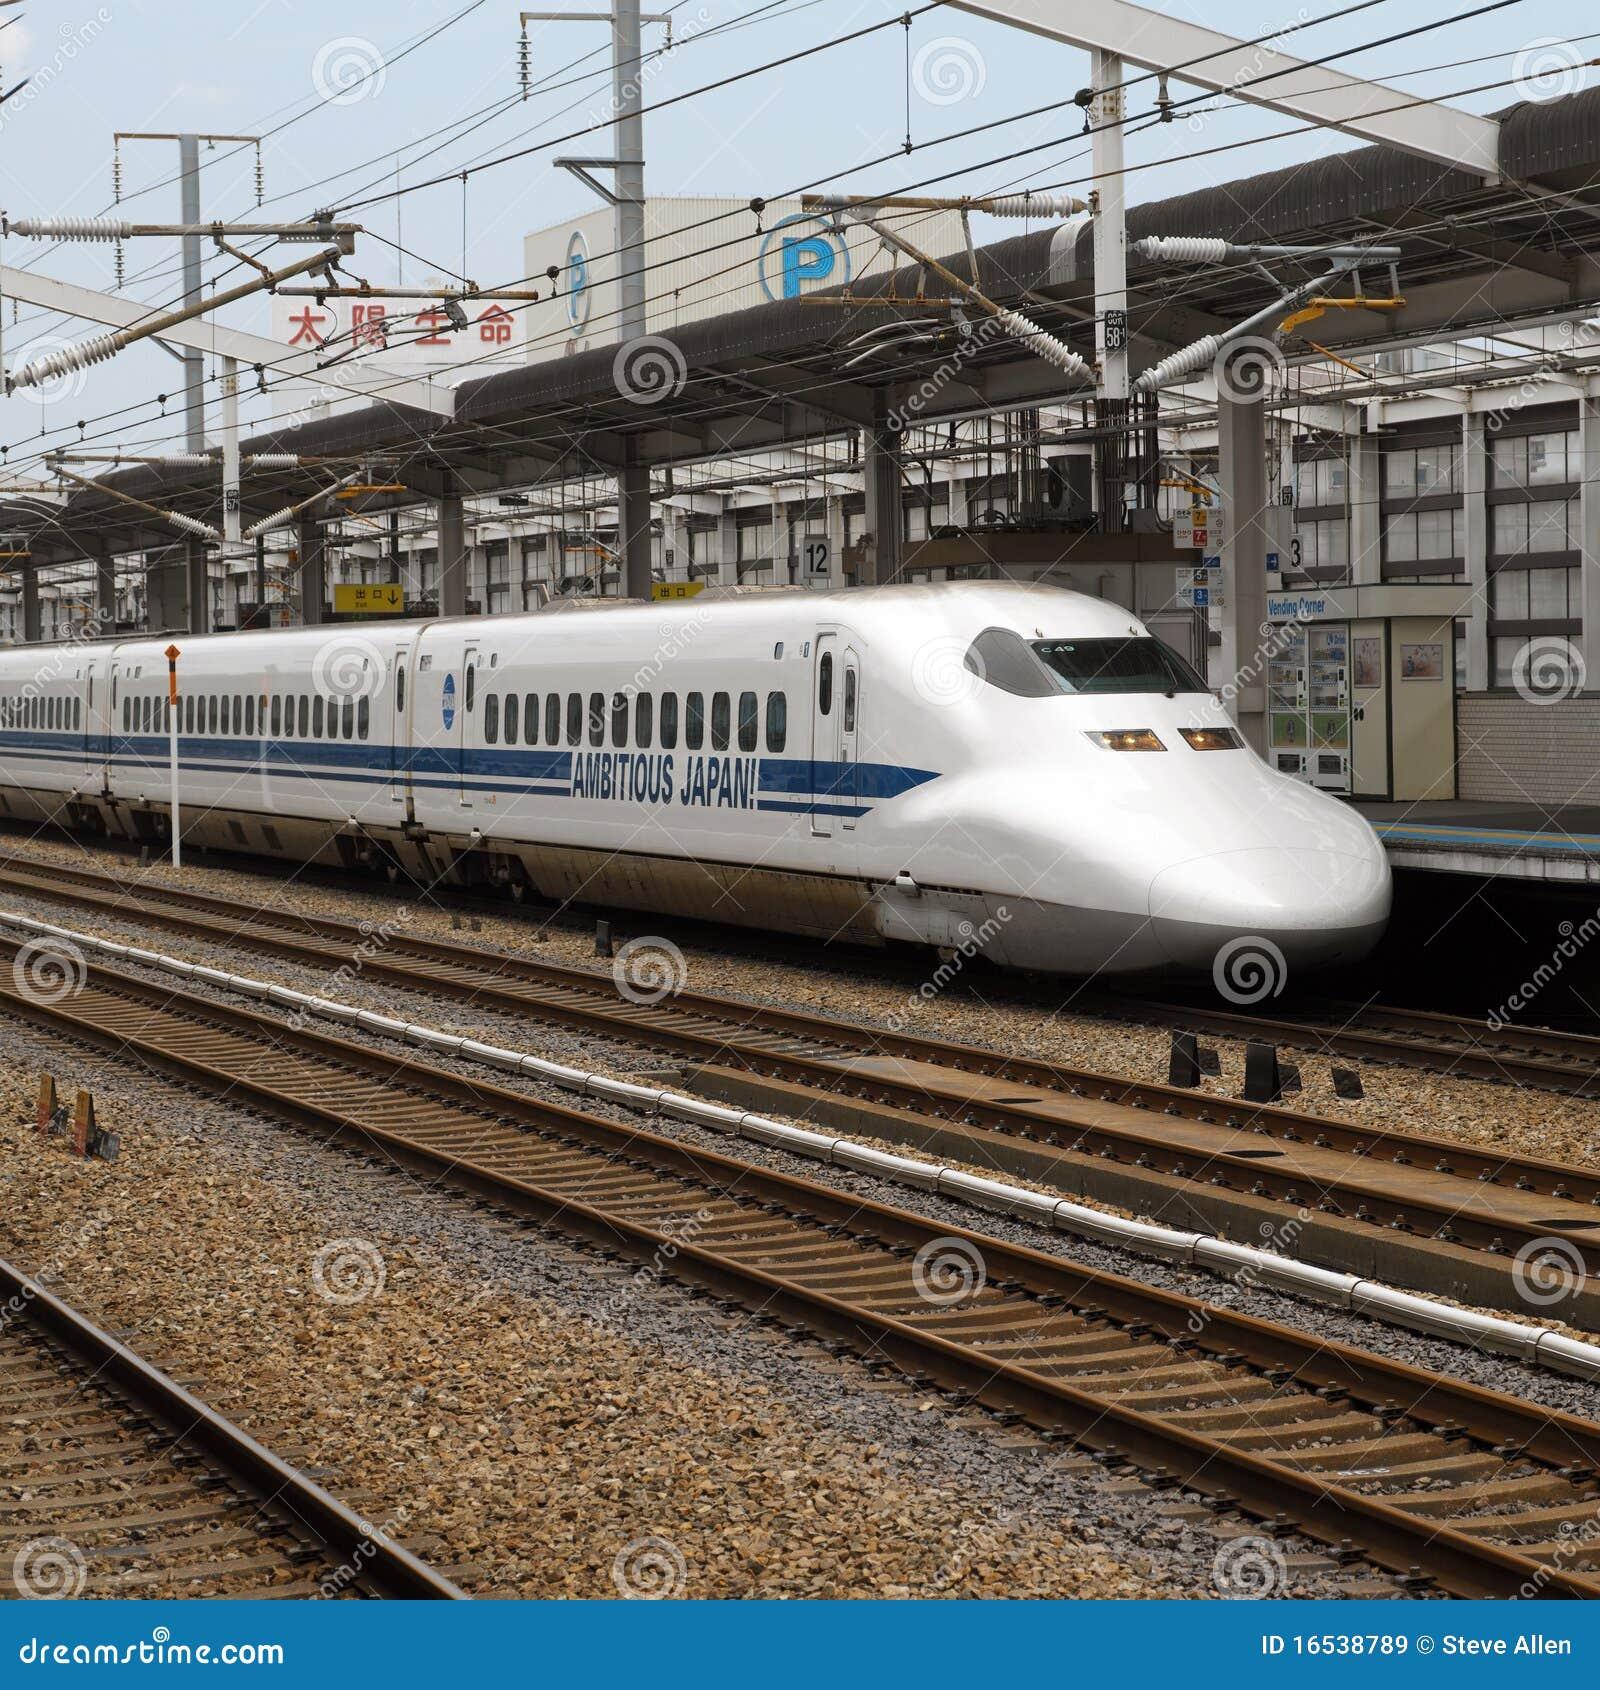 Train de remboursement in fine - Tokyo - Japon